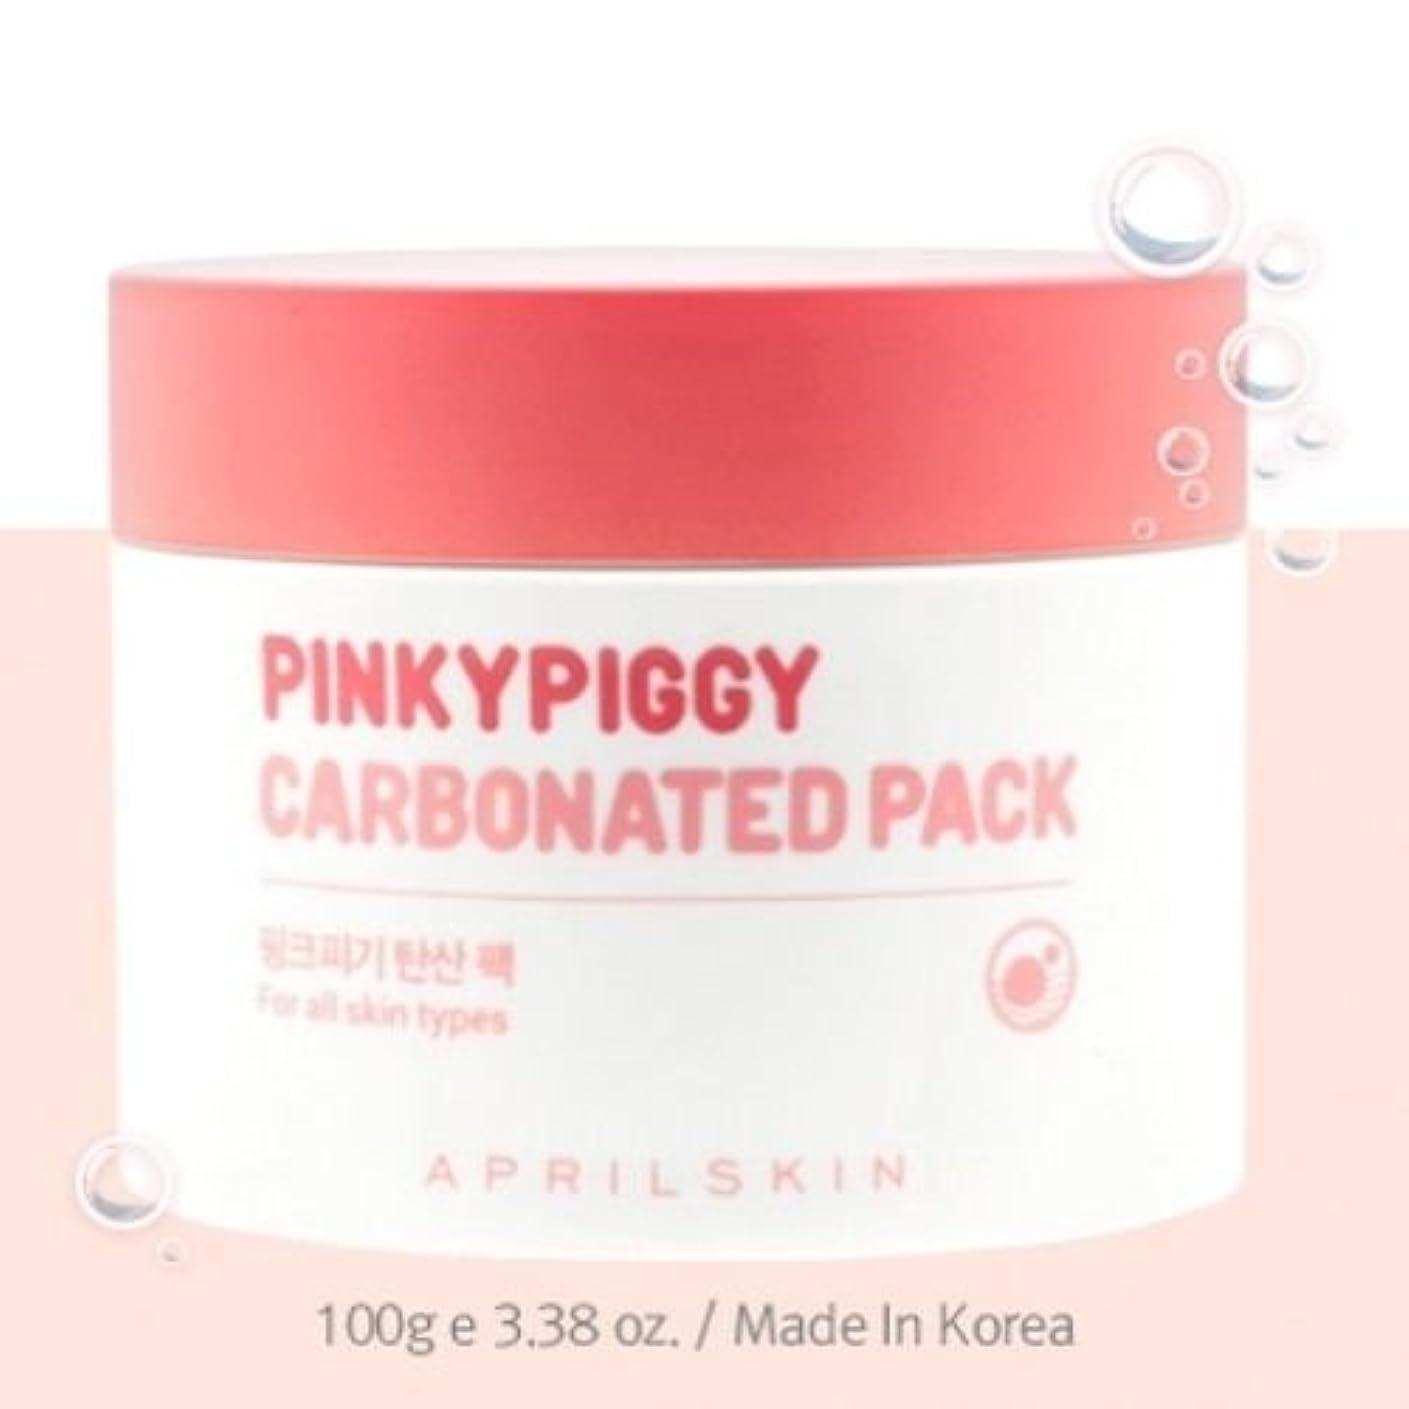 印をつけるページ干ばつApril Skin Pinky Piggy Carbonated Pack 100g(3.38oz)/100% Authentic Direct from Korea [並行輸入品]